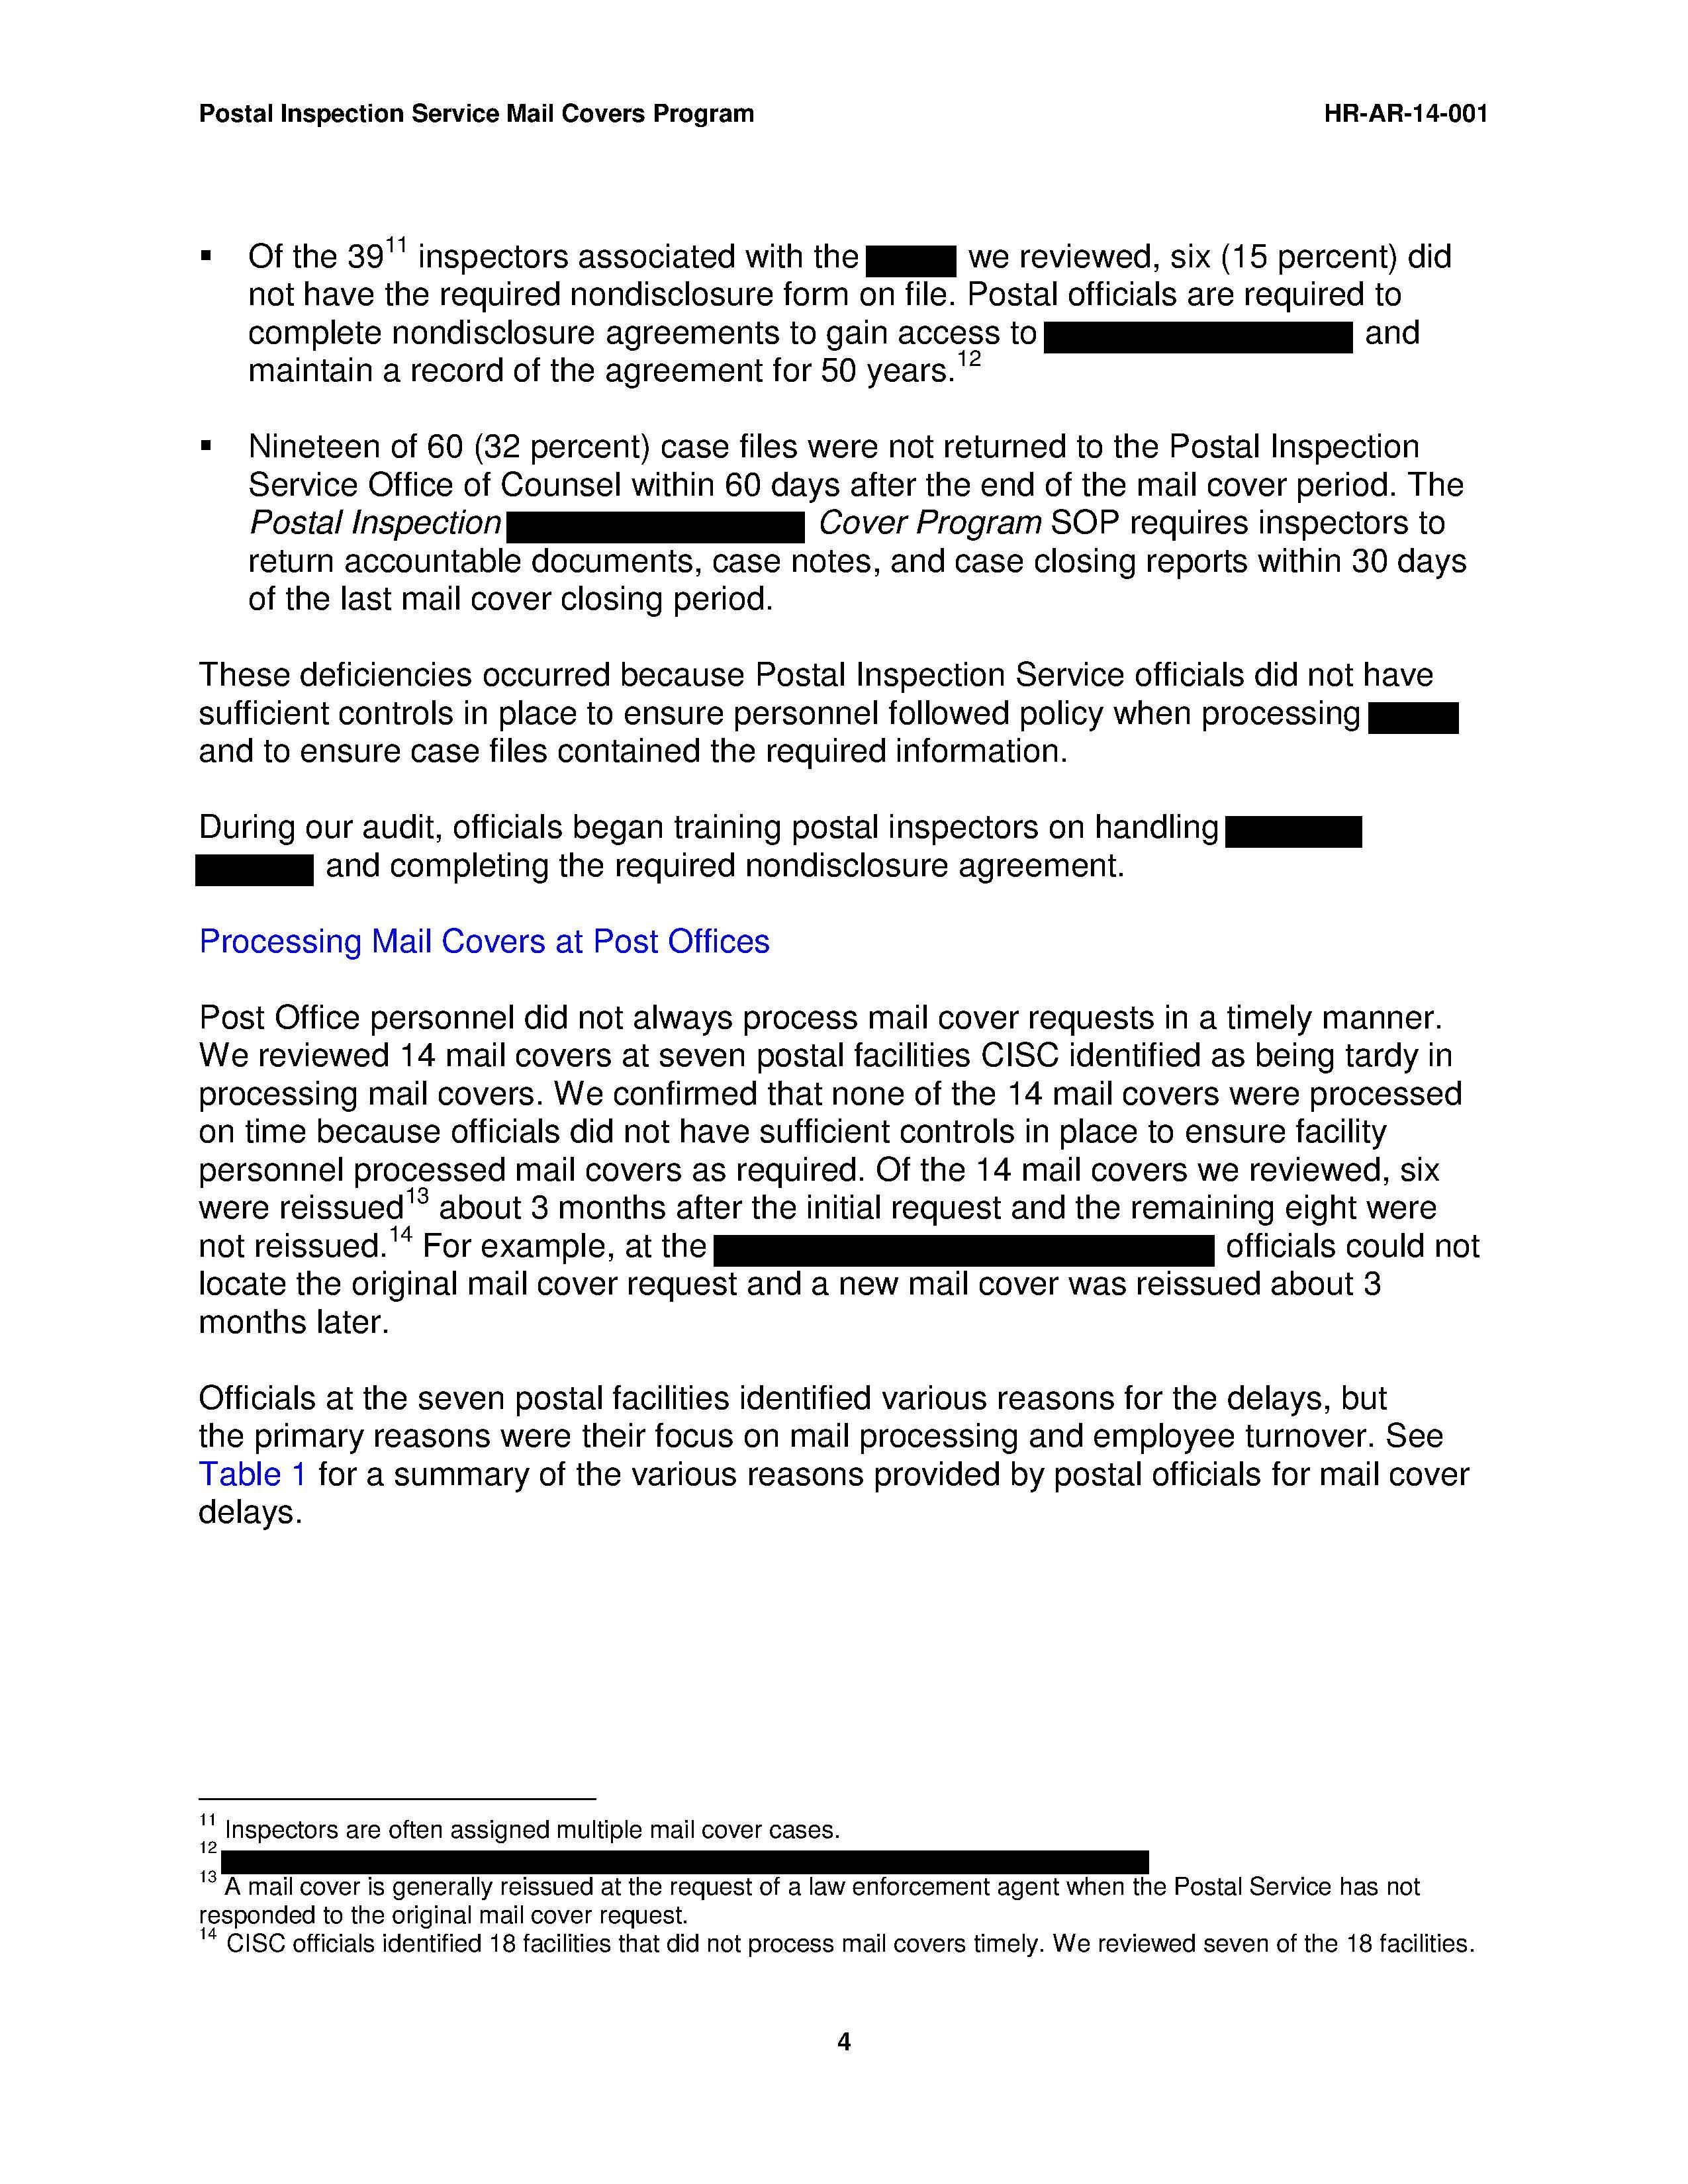 civil investigator cover letter art handler doctor resume